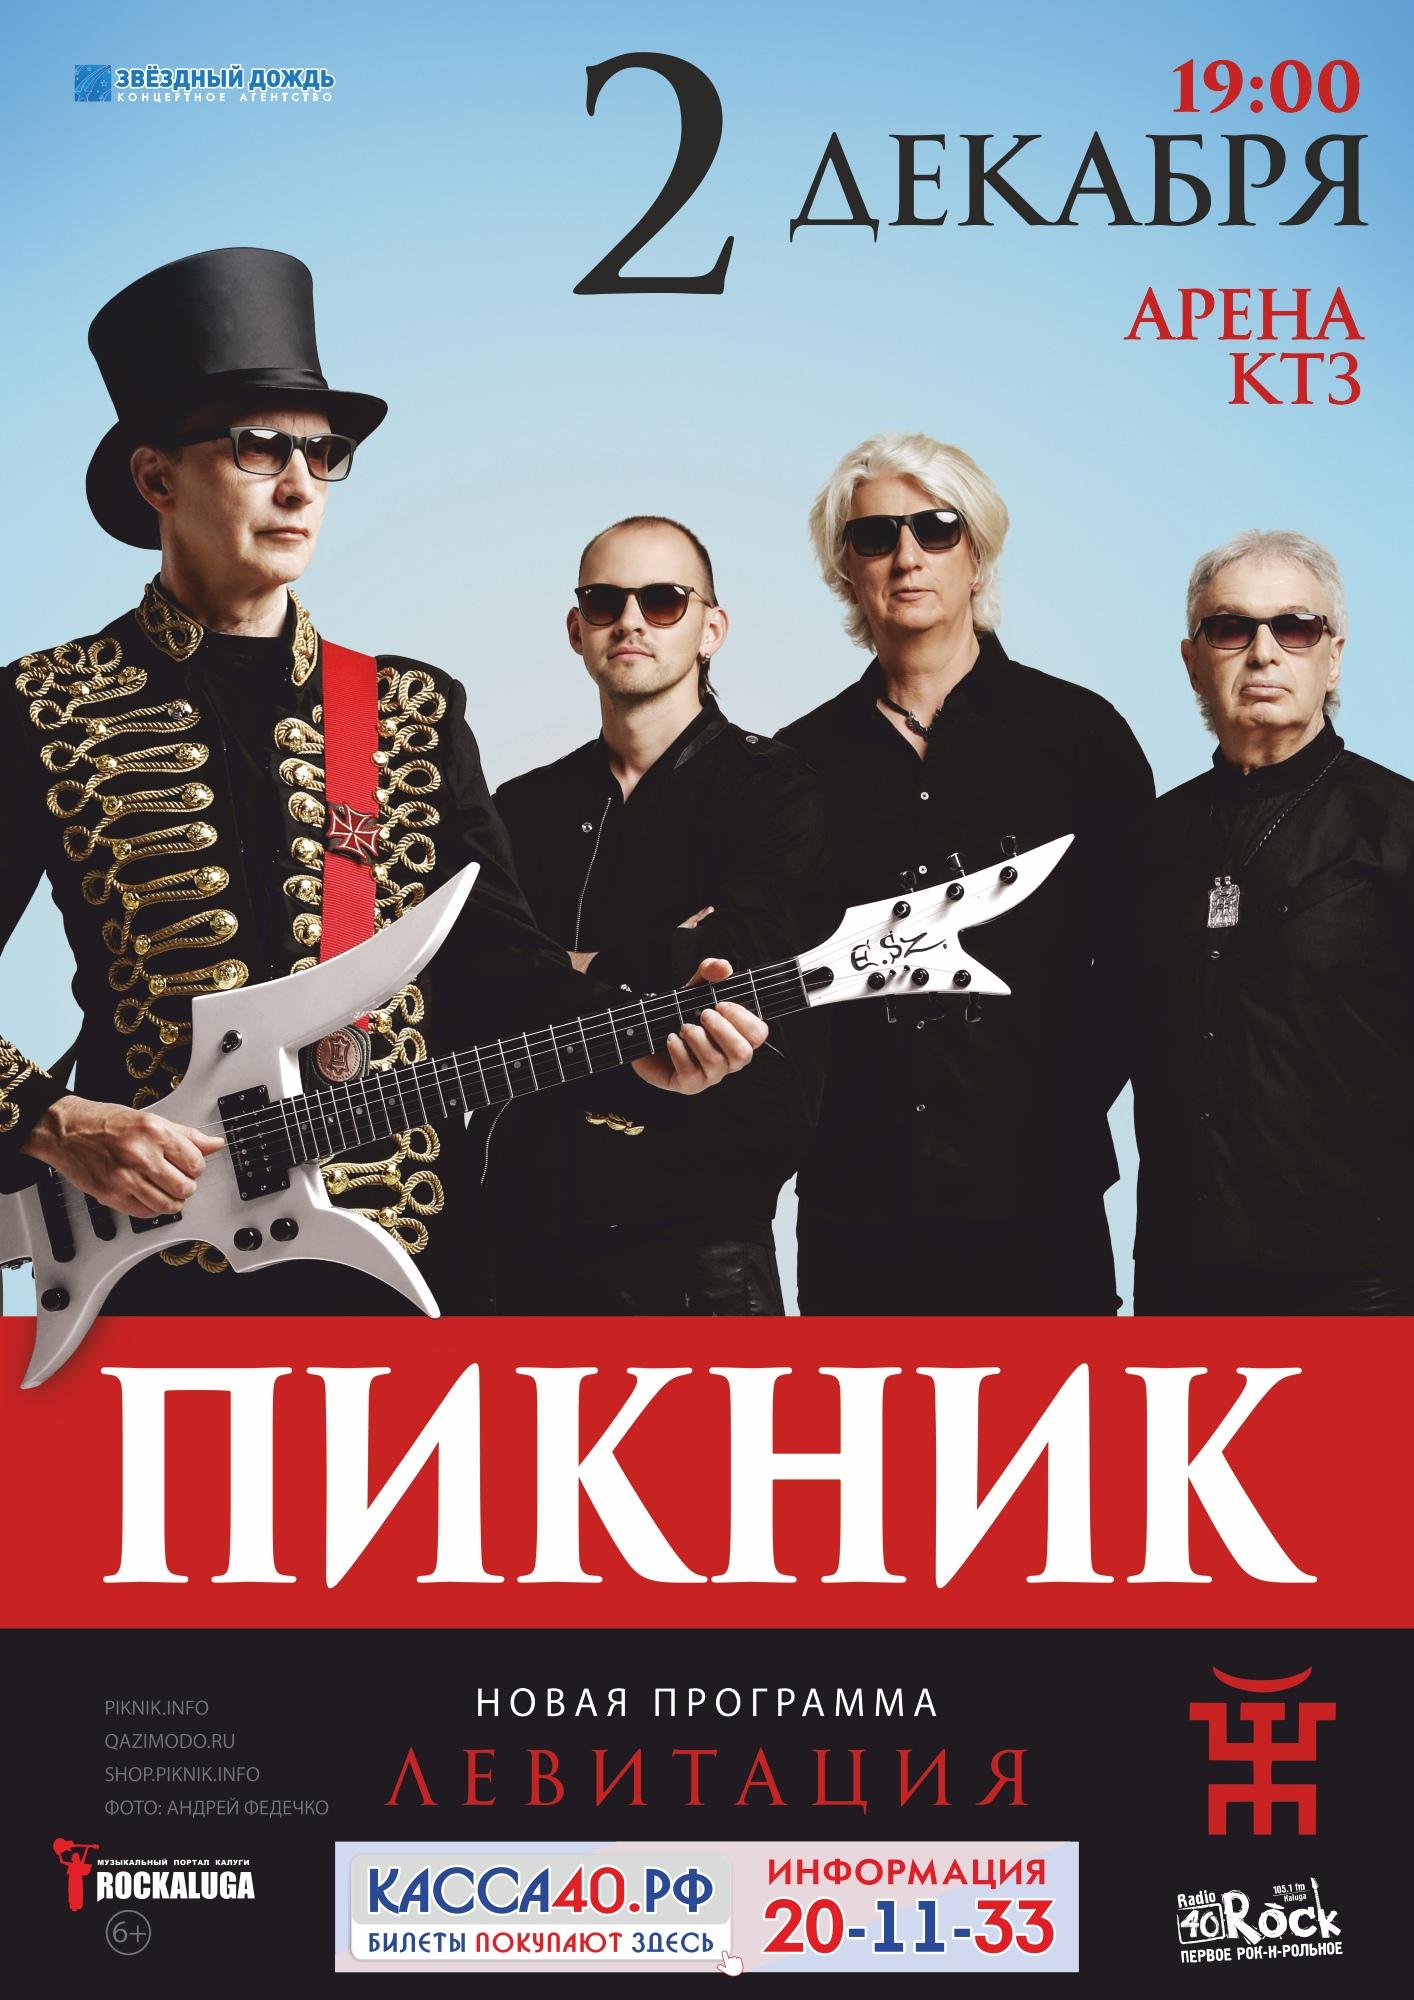 Купить билеты онлайн на концерт в калуге билеты на концерты в липецк